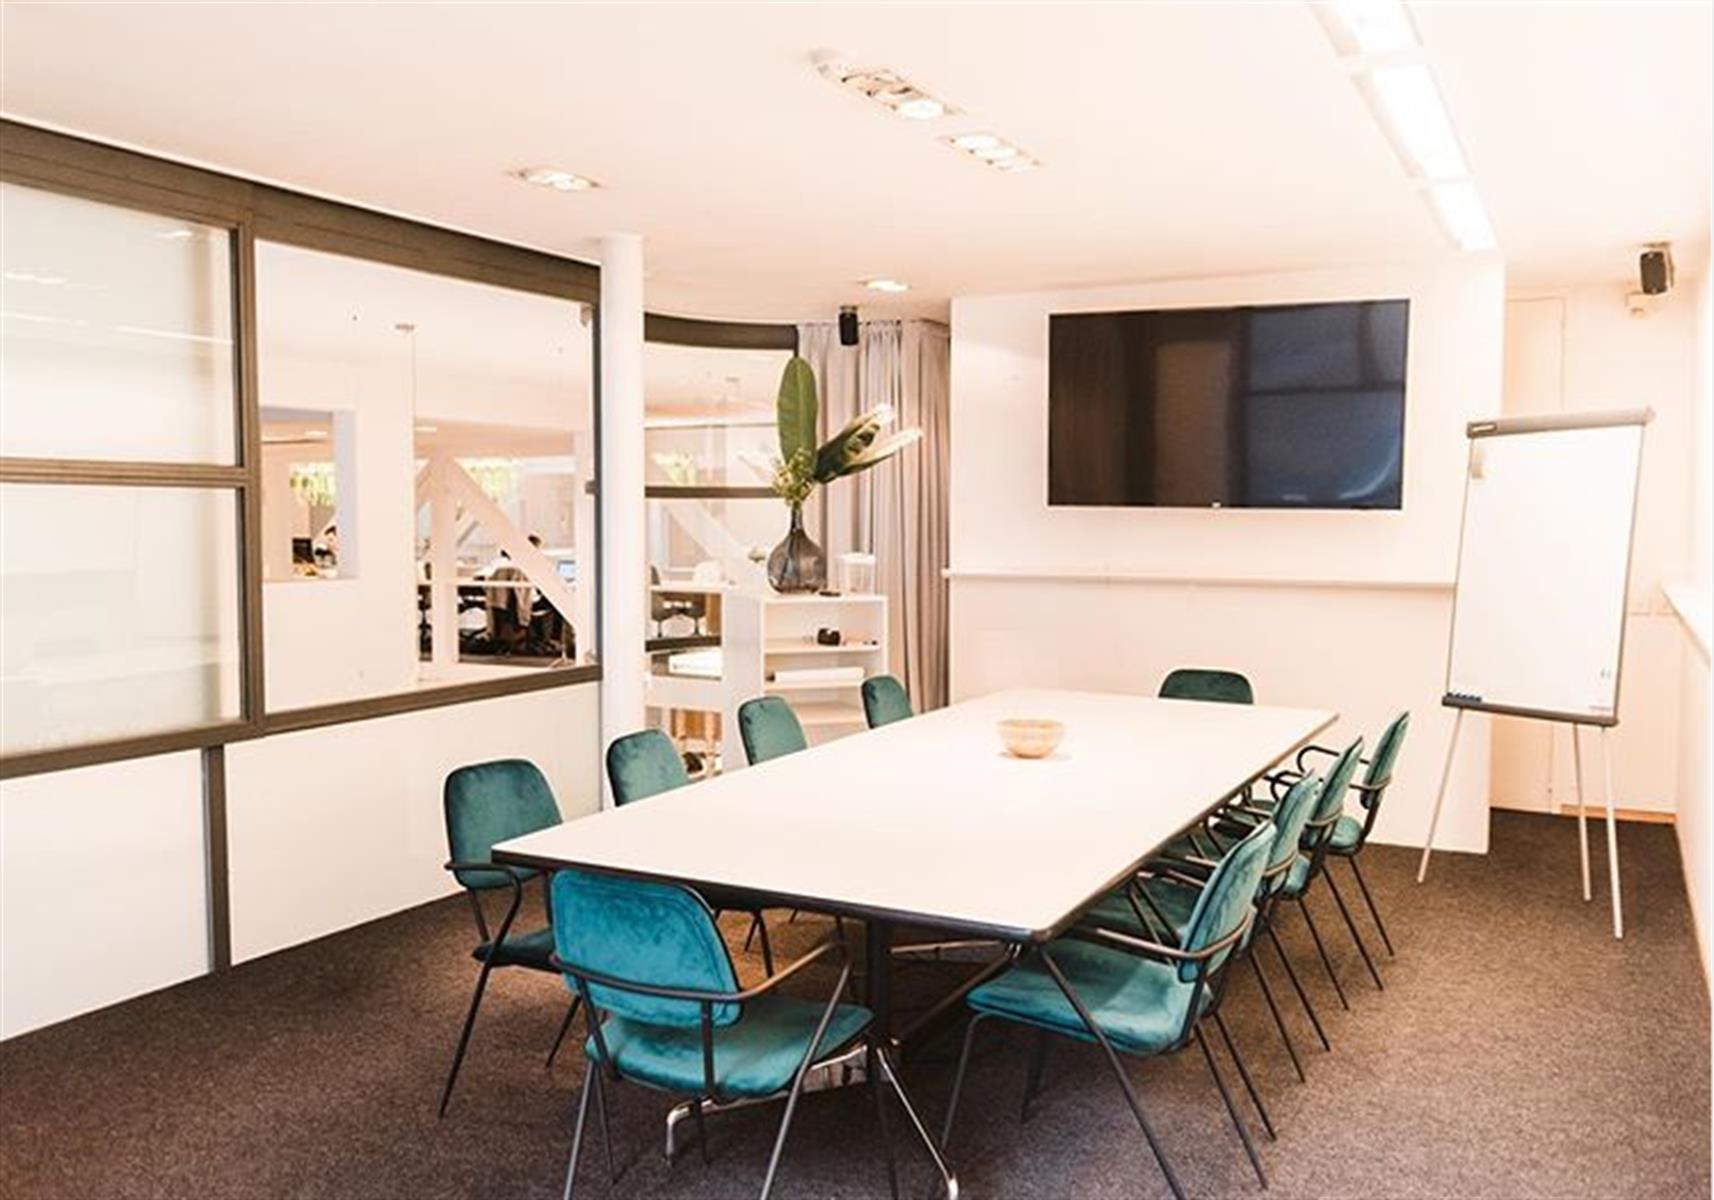 kantoor te huur Maxy - IJzerenpoortkaai 3, 2000 Antwerpen, België 3